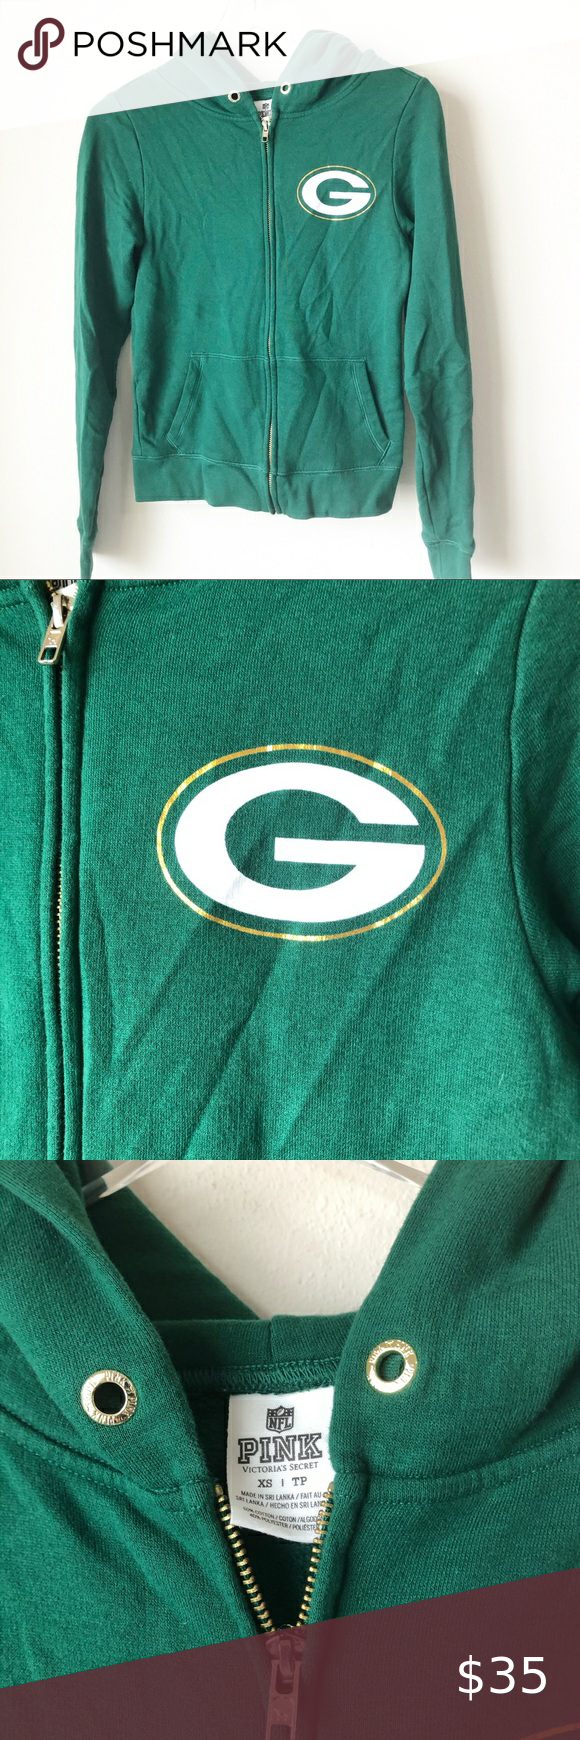 Pink Green Bay Packers Zip Up Hoodie In 2020 Zip Ups Pink And Green Hoodies